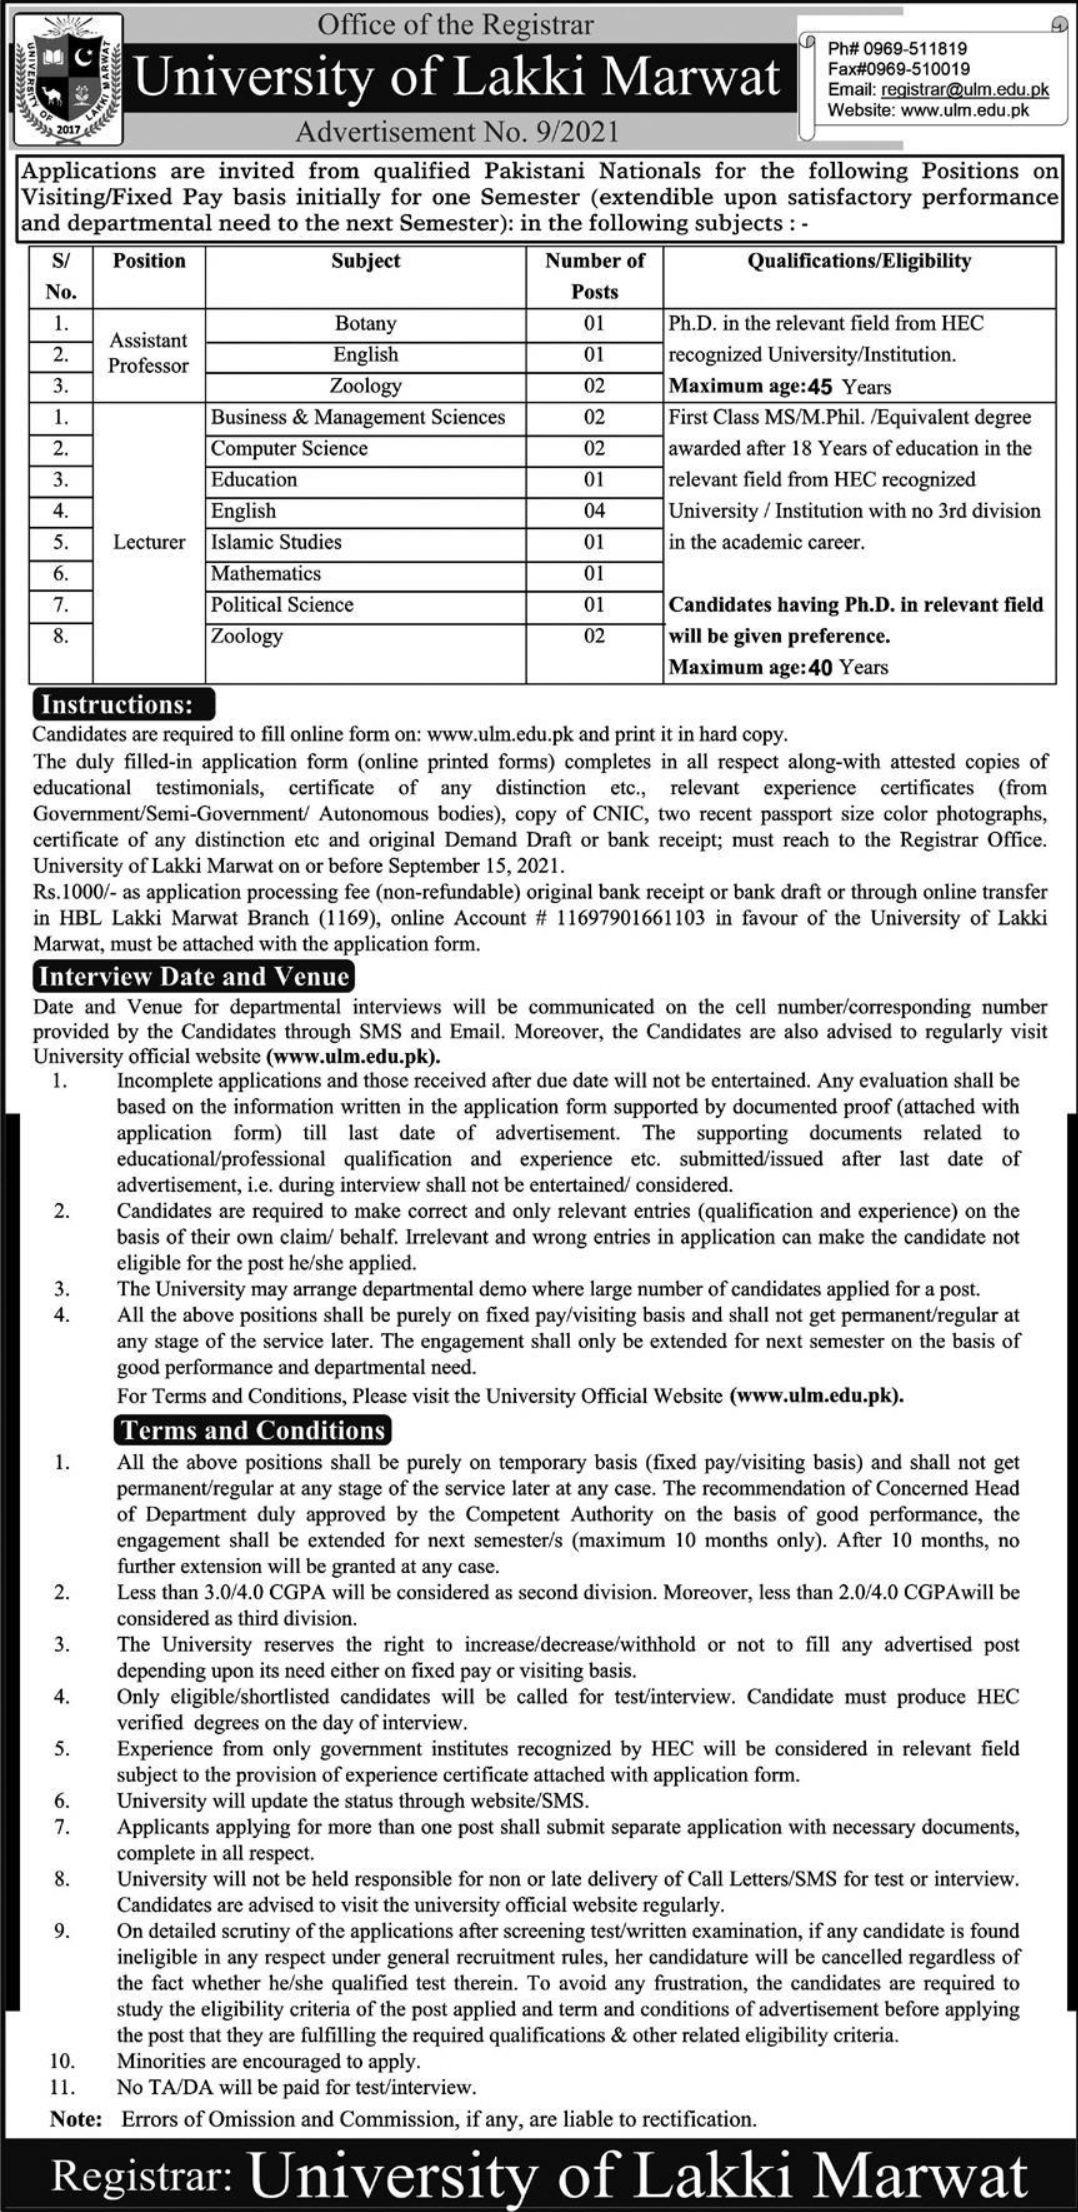 University of Lakki Marwat Vacancies 2021 3